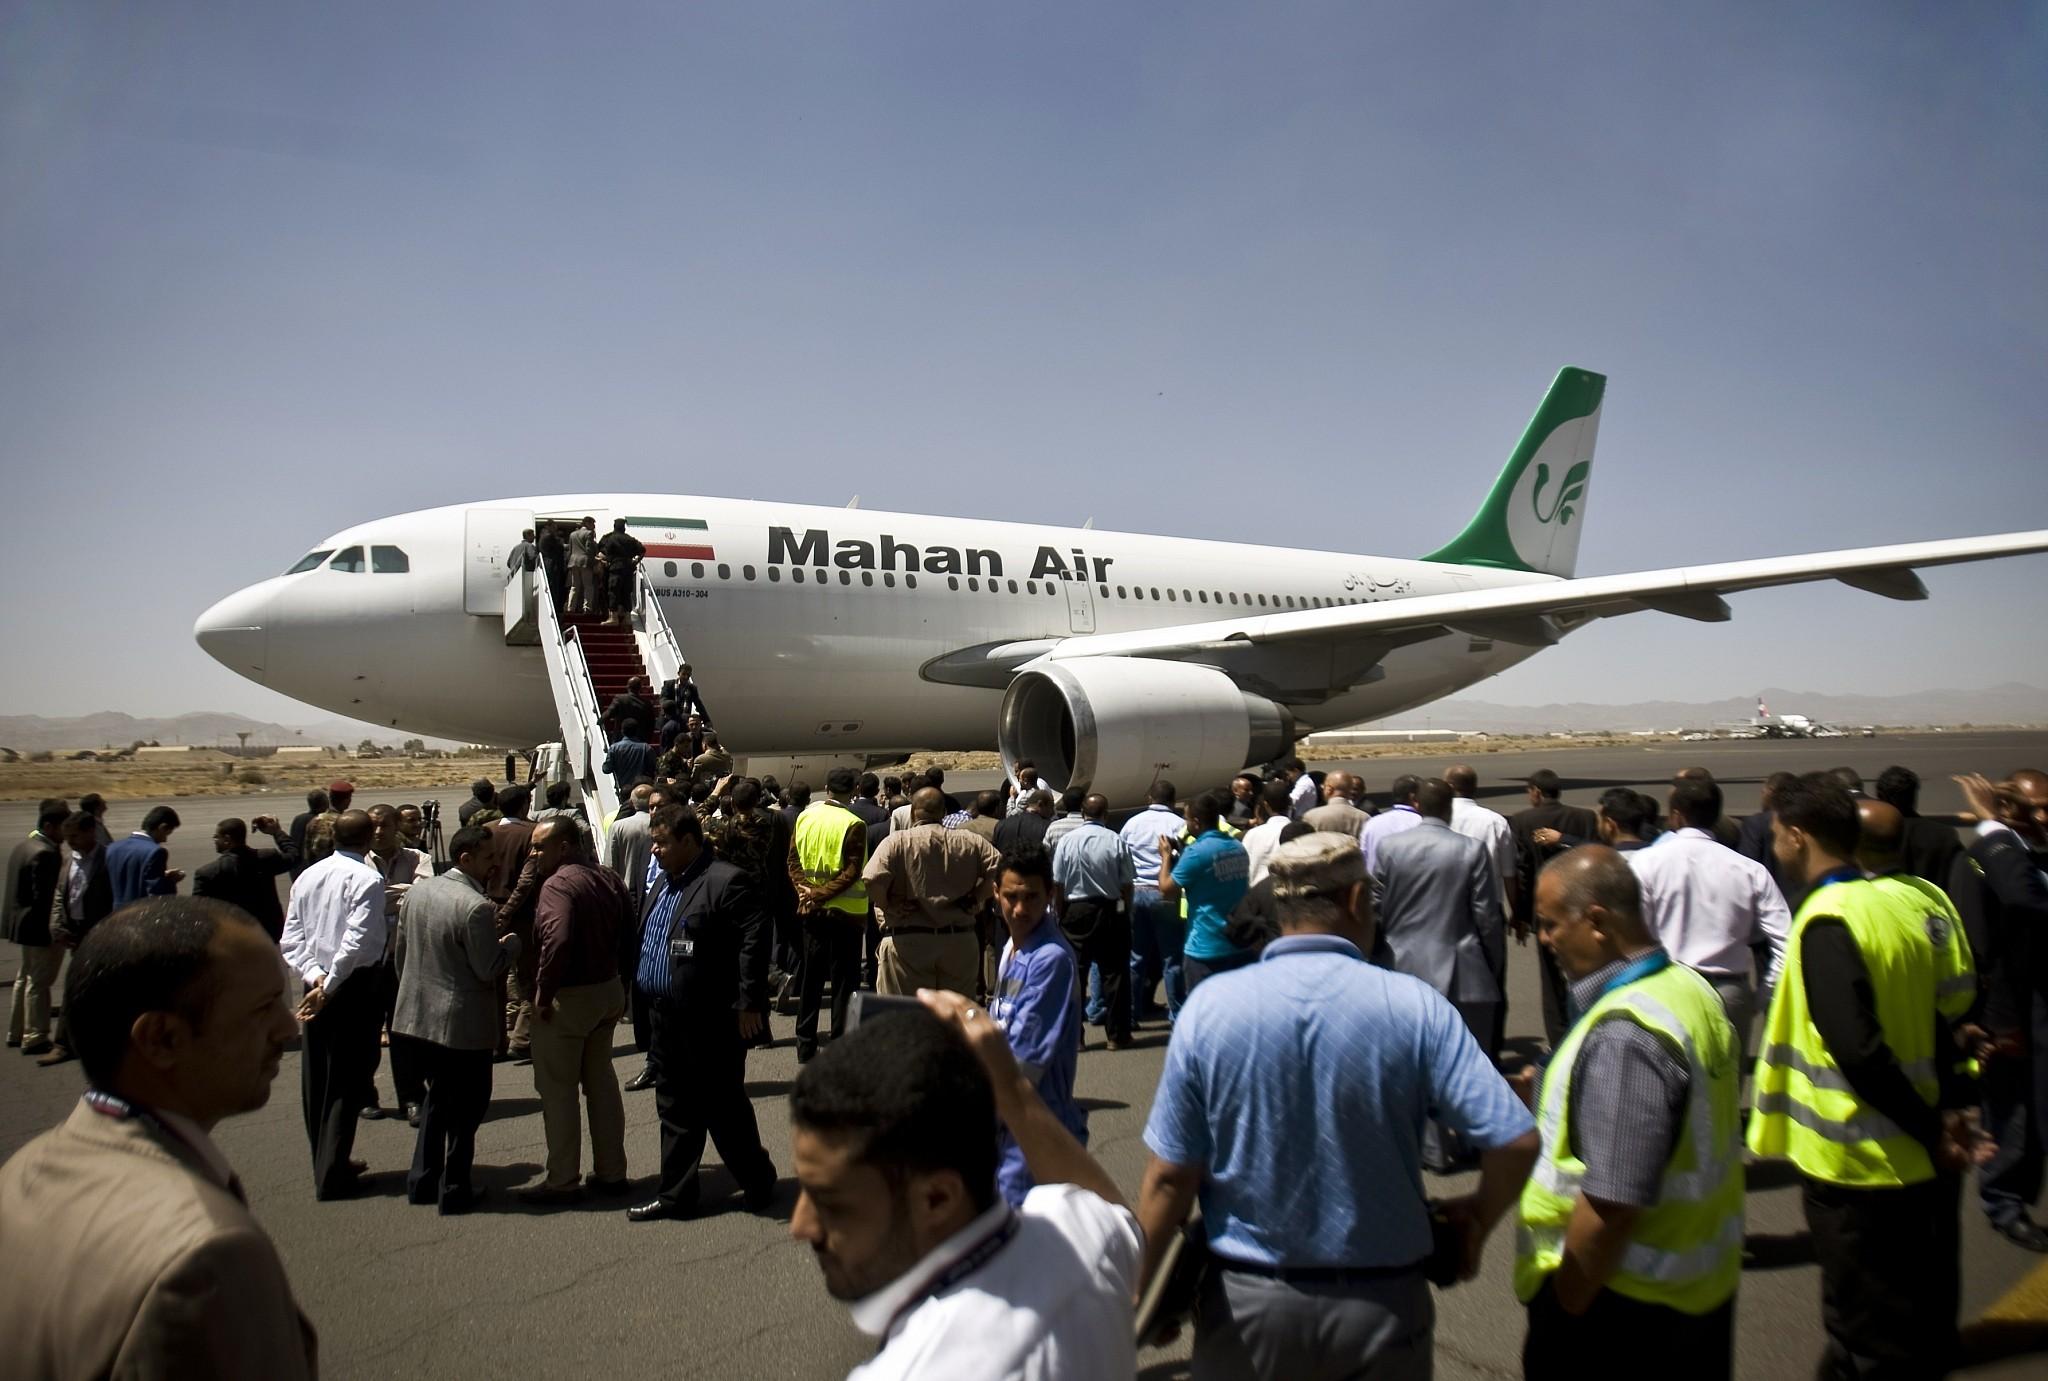 EEUU sanciona a las compañías de Irán 'top' en transporte aéreo y marítimo por transportar armas a grupos terroristas